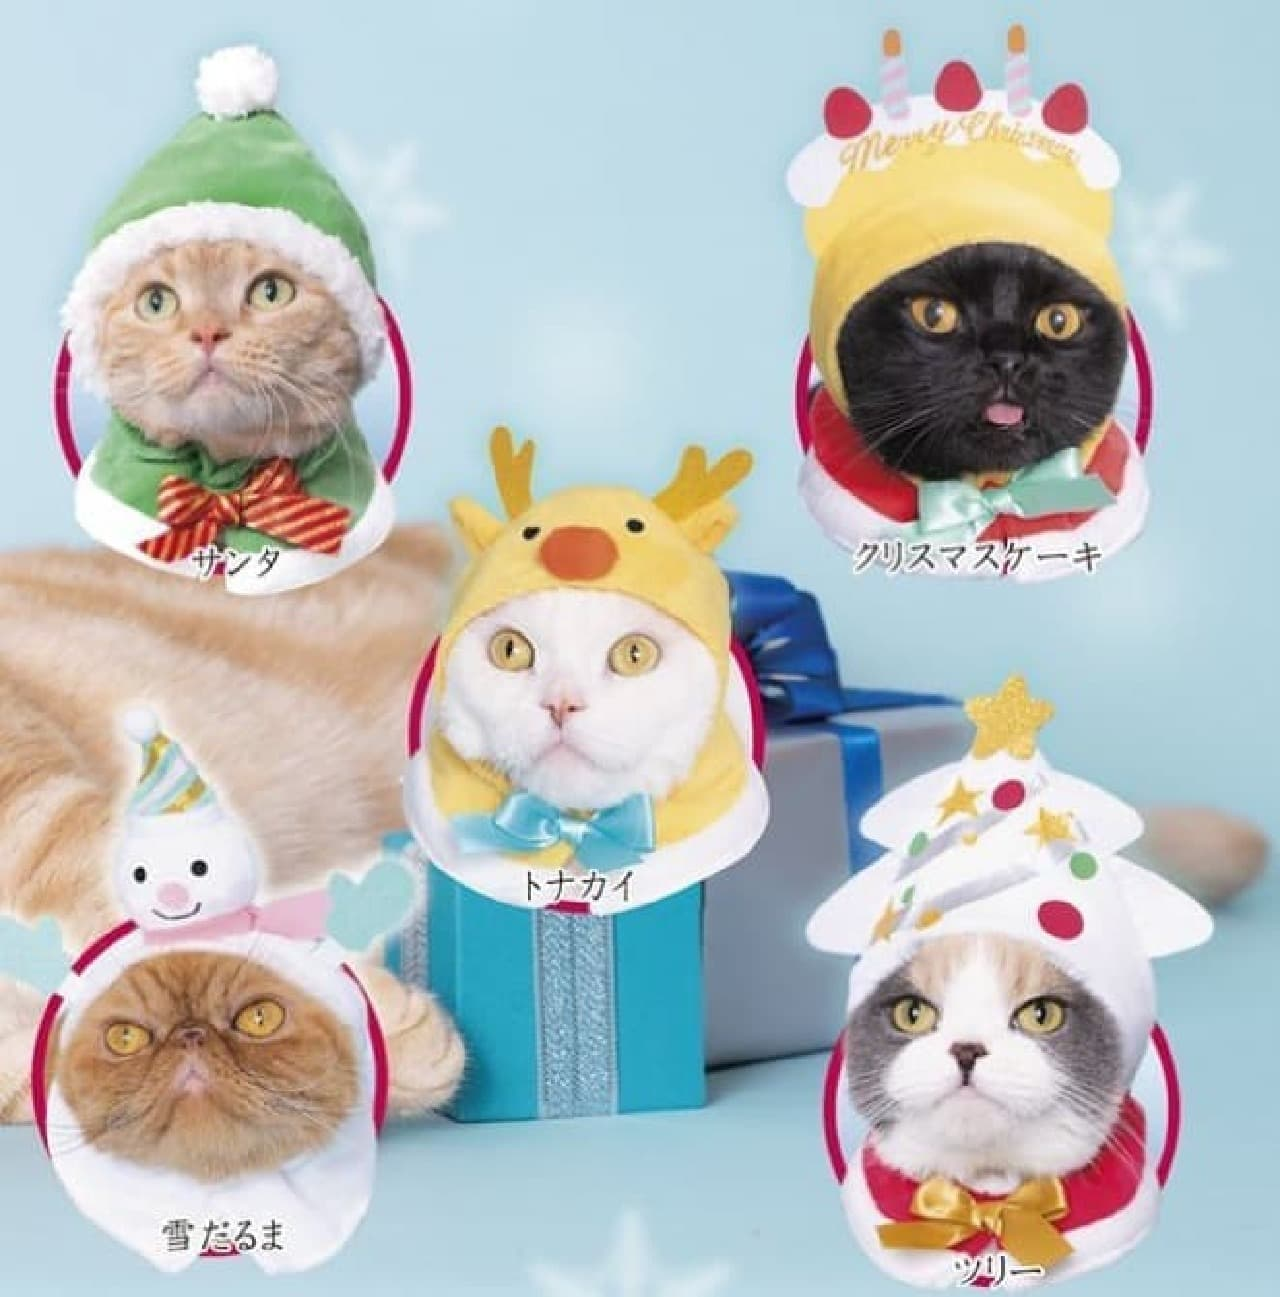 カプセルトイ「ねこクリスマスちゃん~ホワイトクリスマス~」